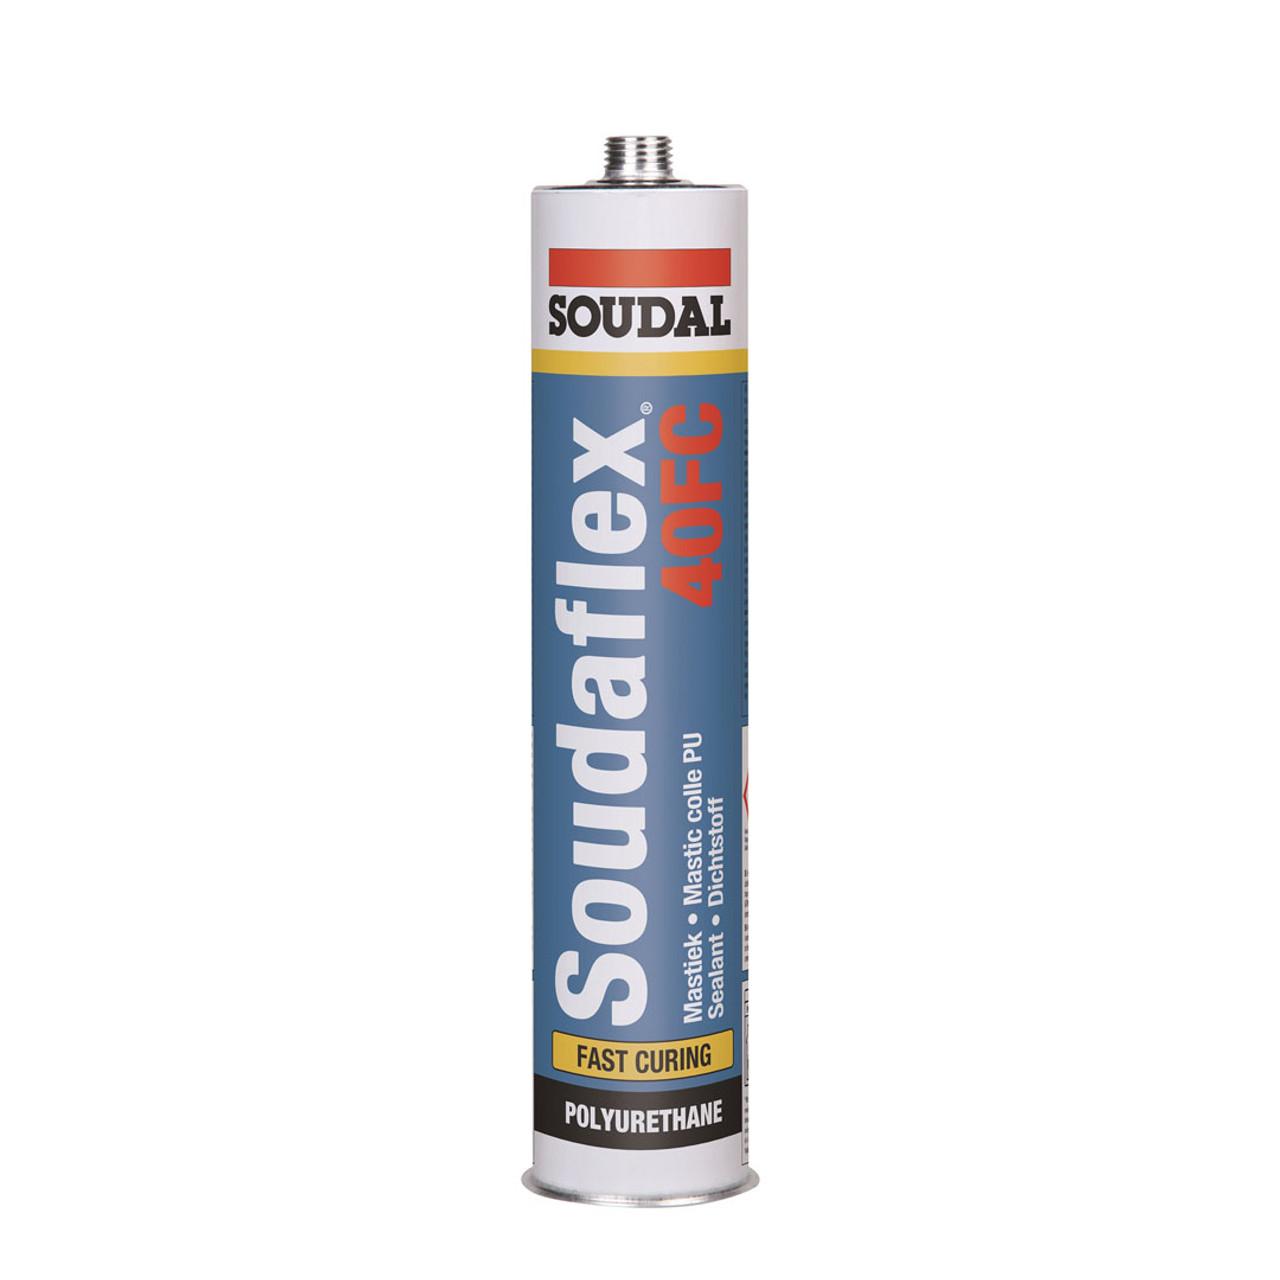 Soudal Soudaflex 40 FC 310ml - Grey